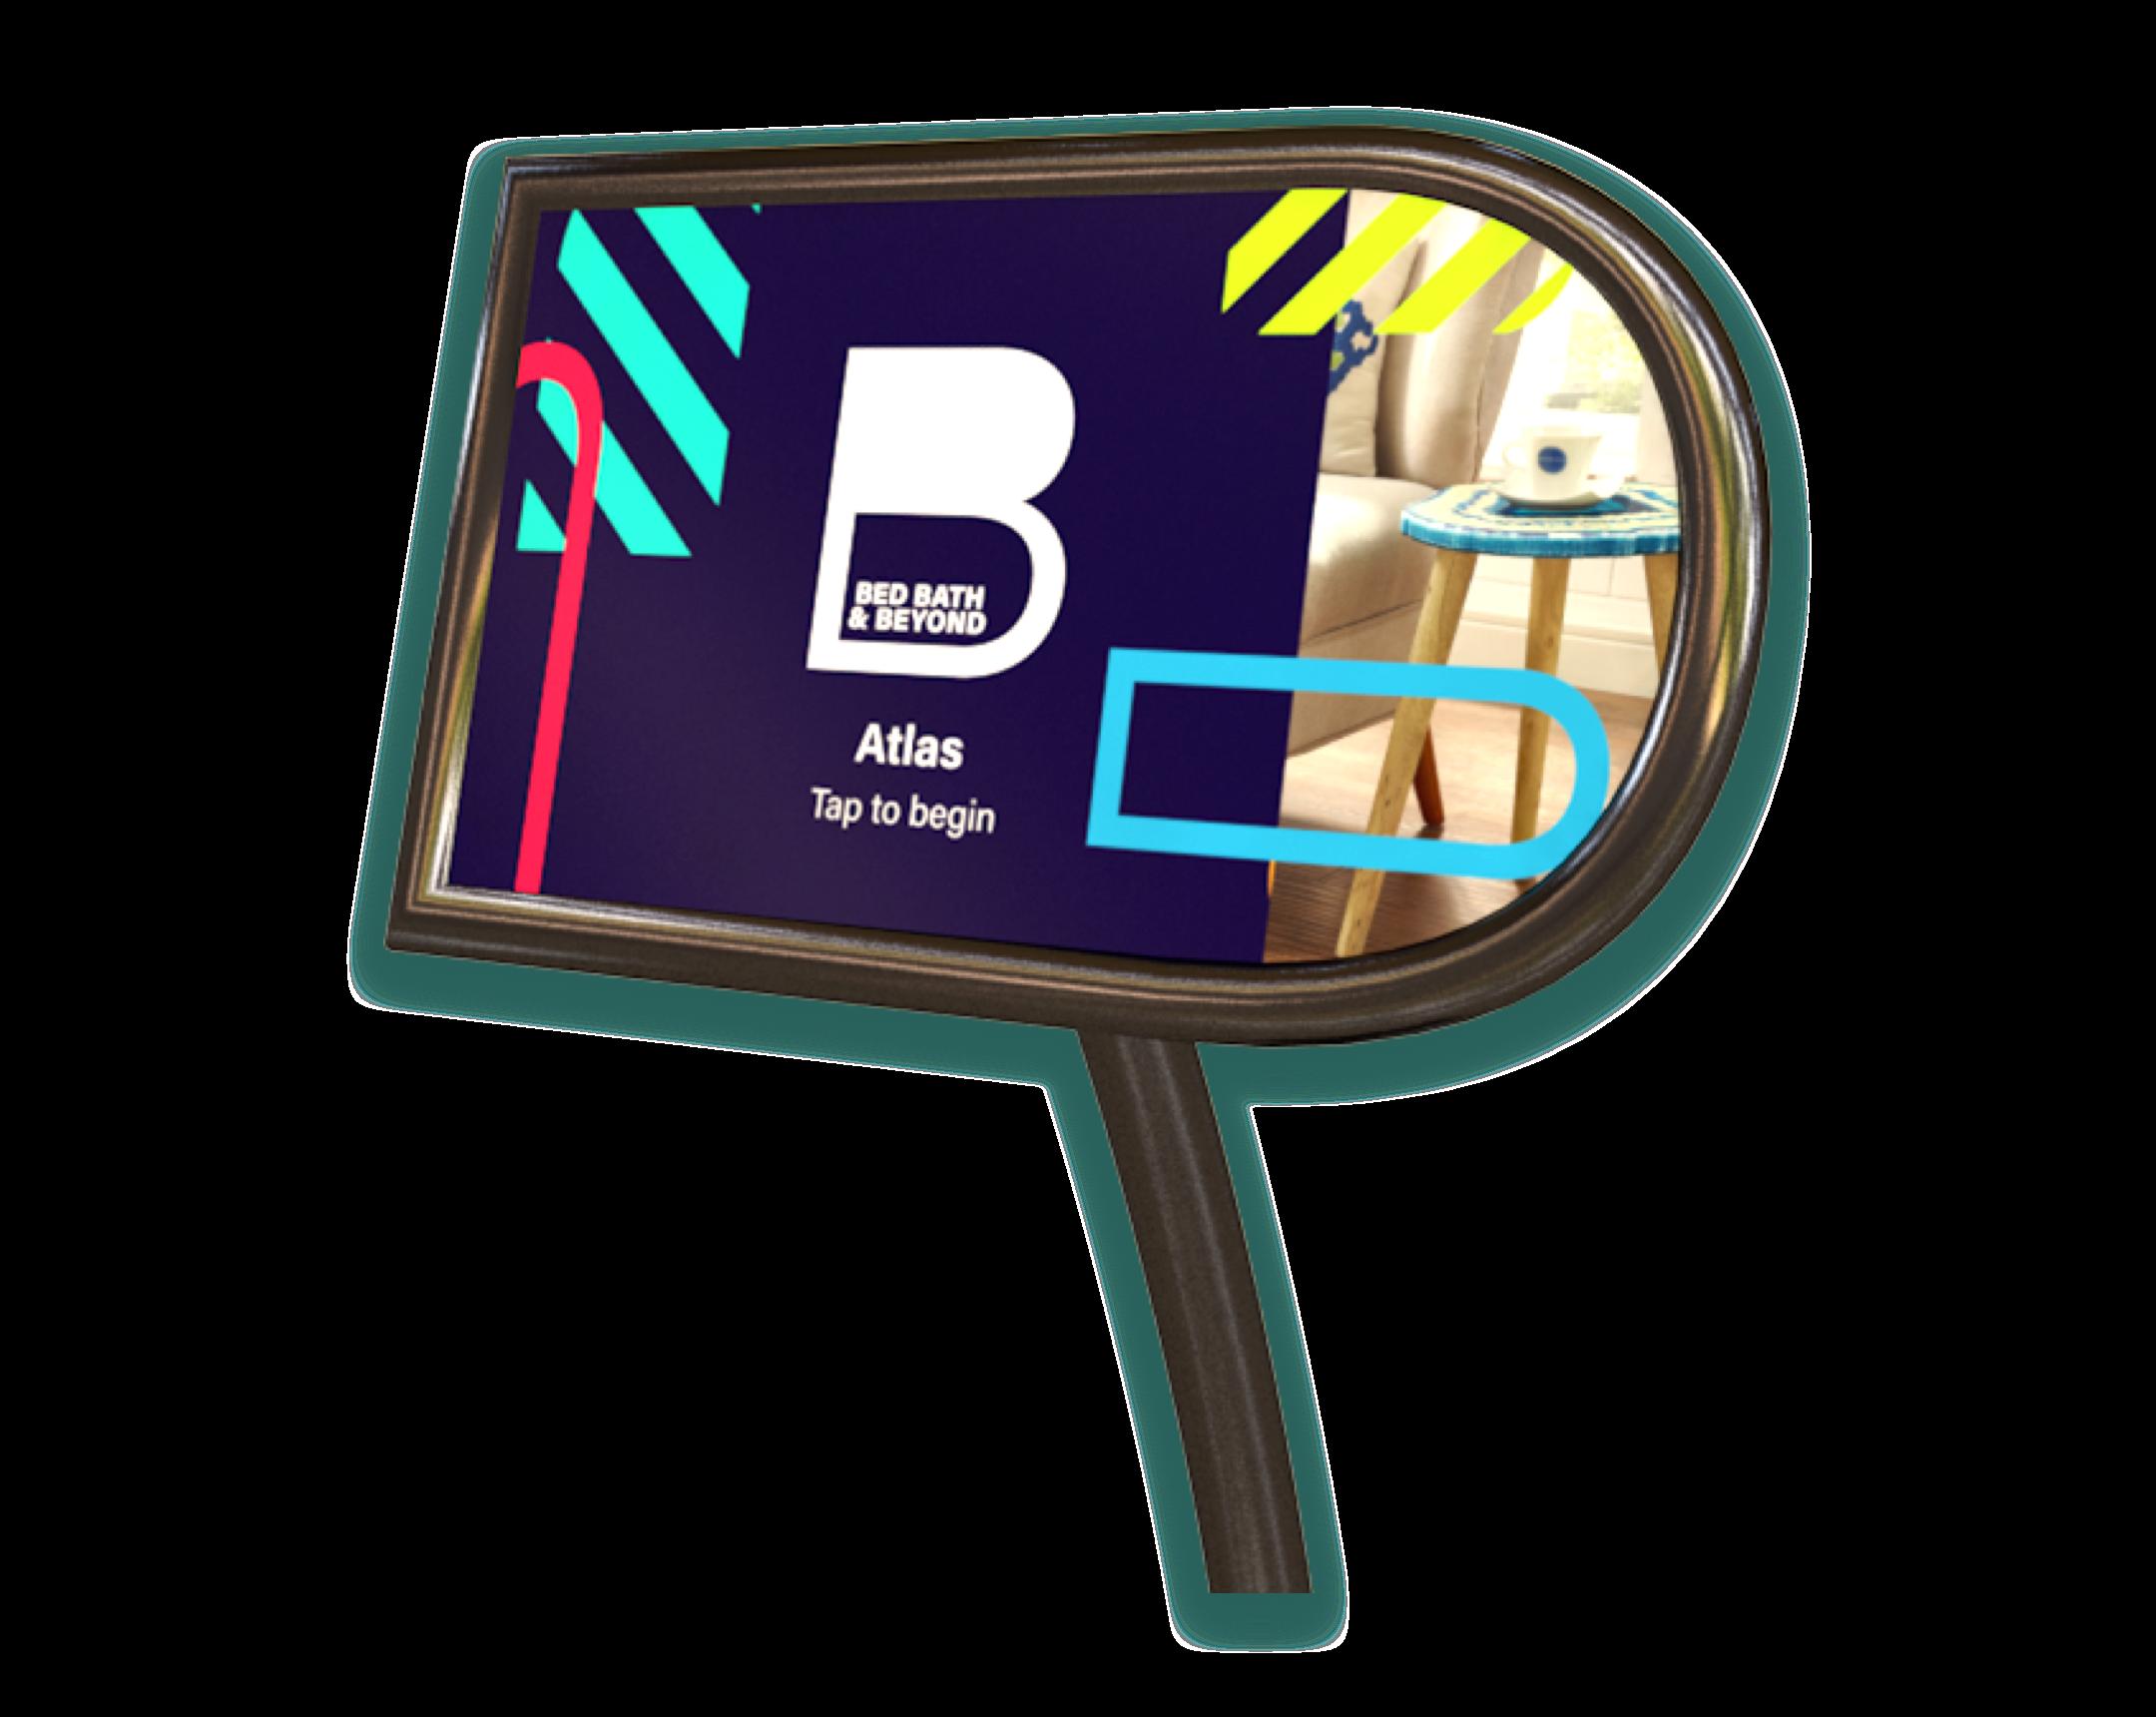 A B shaped black metal kiosk touchscreen